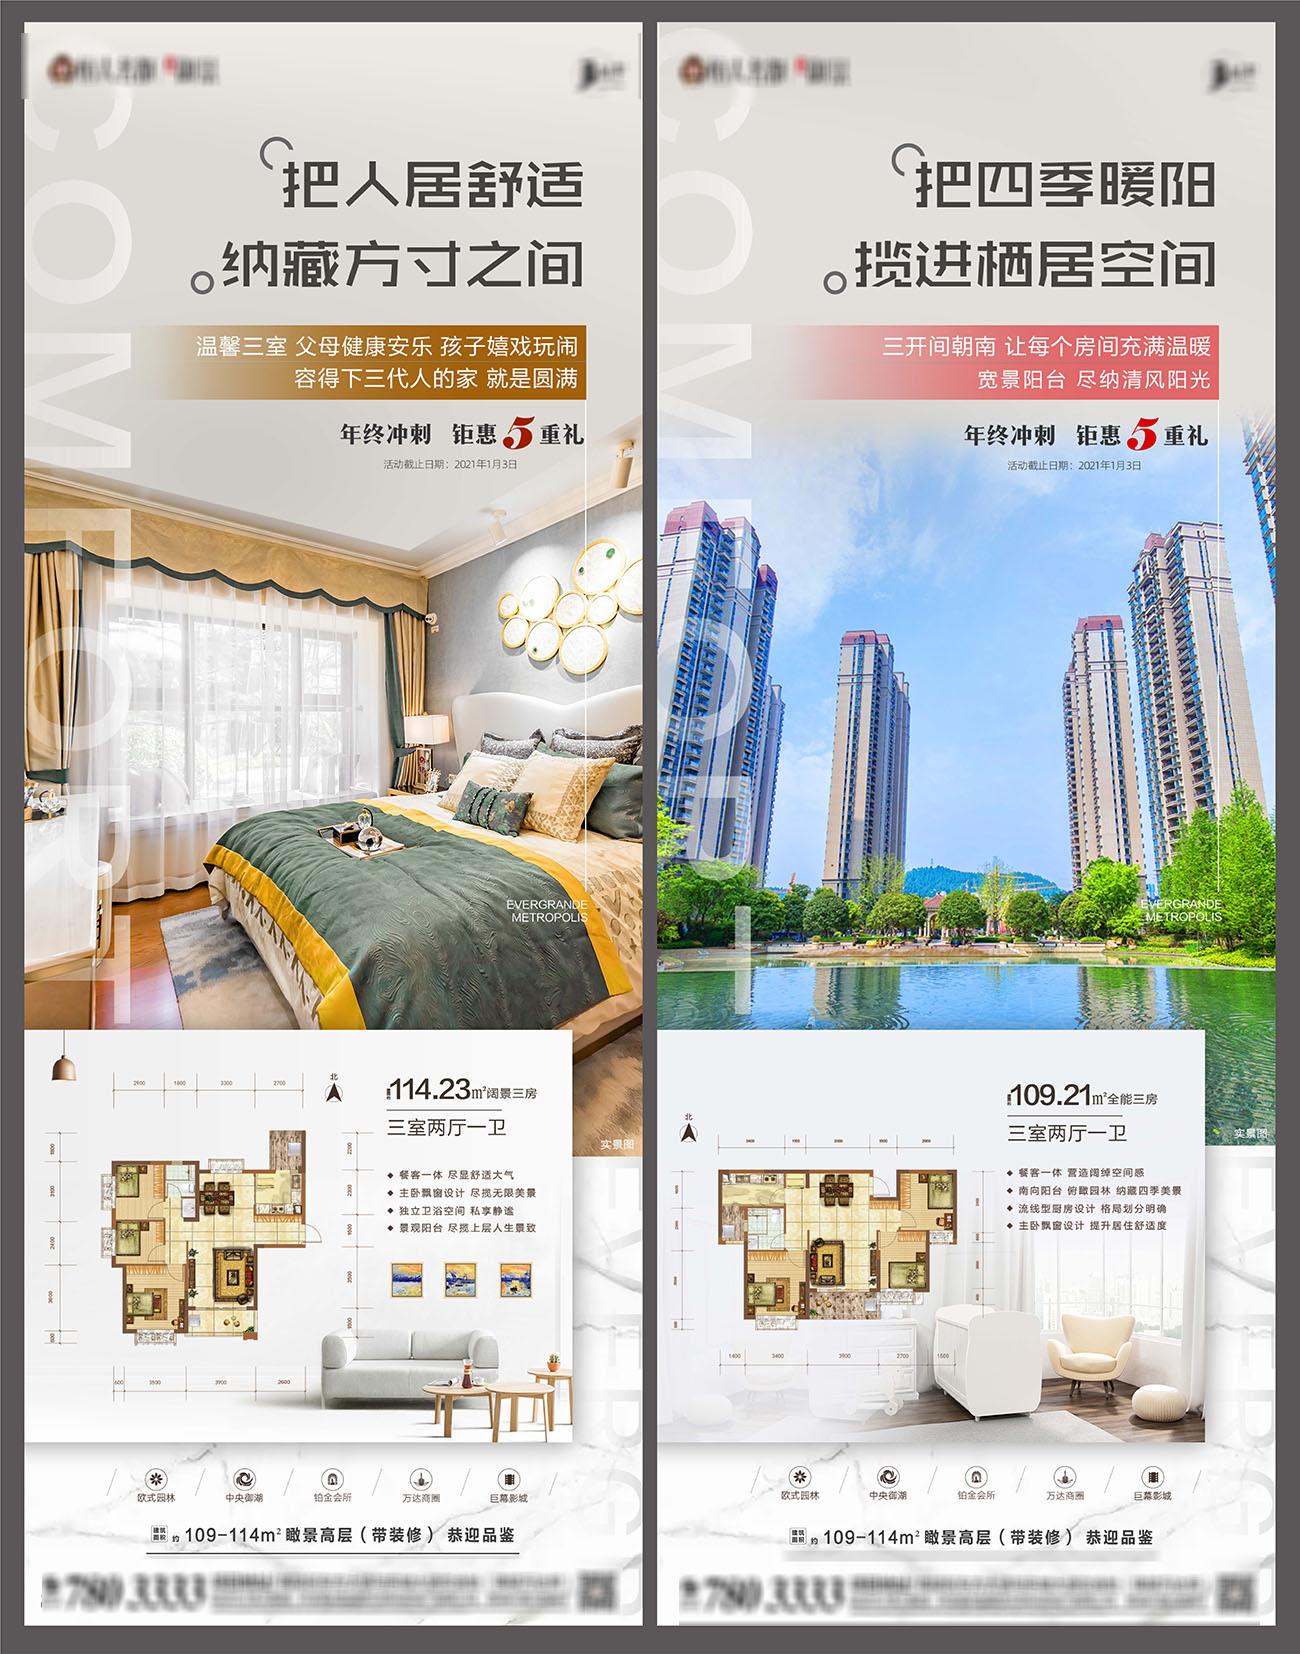 瞰景高层住宅三房户型海报PSD源文件插图